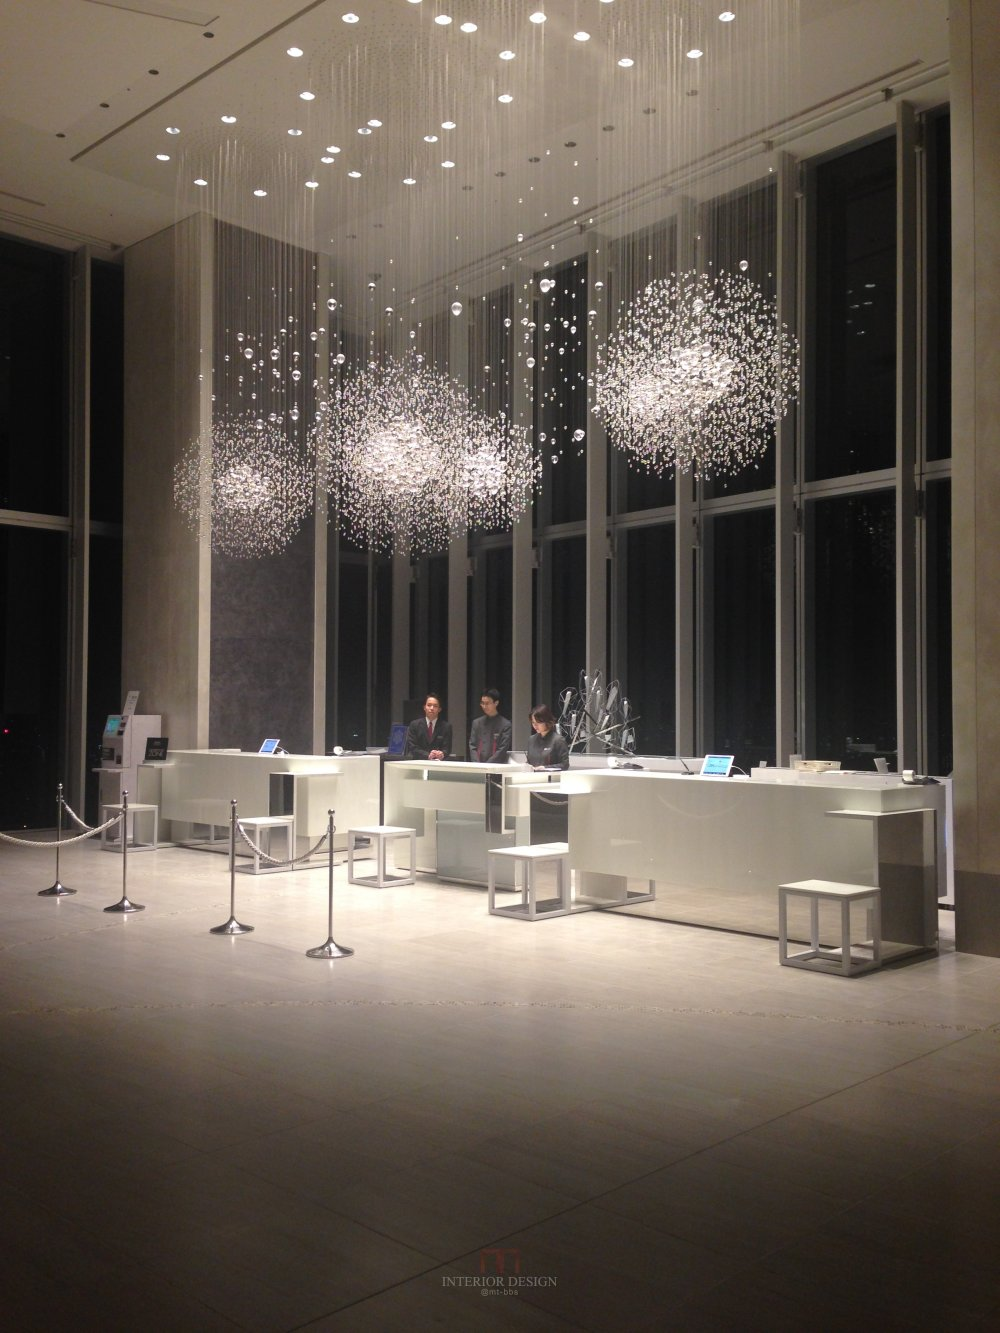 #伙伴一起看日本#  日本设计考察分享(更新美秀美术馆)_IMG_5041.JPG